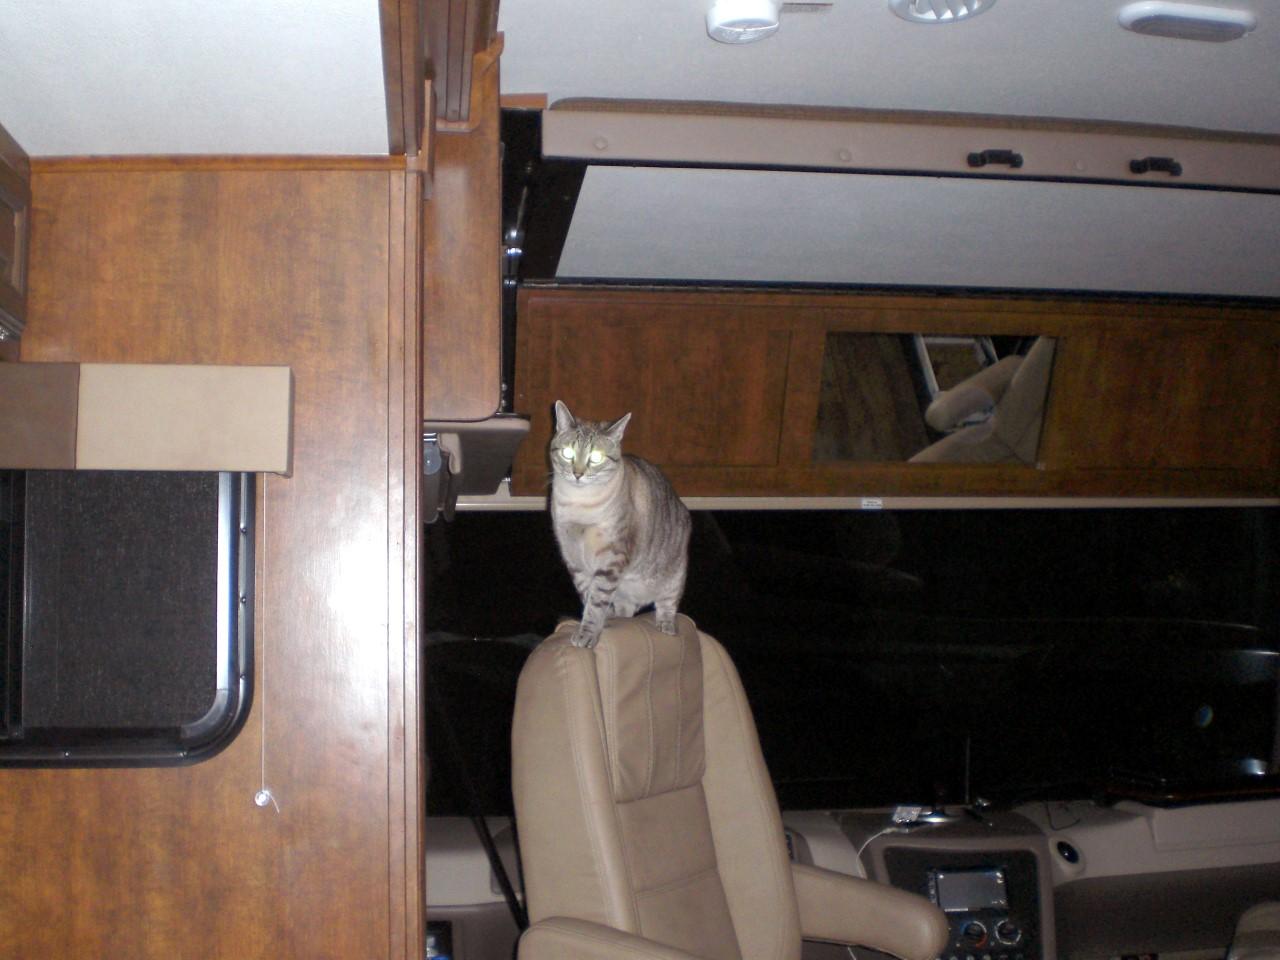 Cooper cat in RV